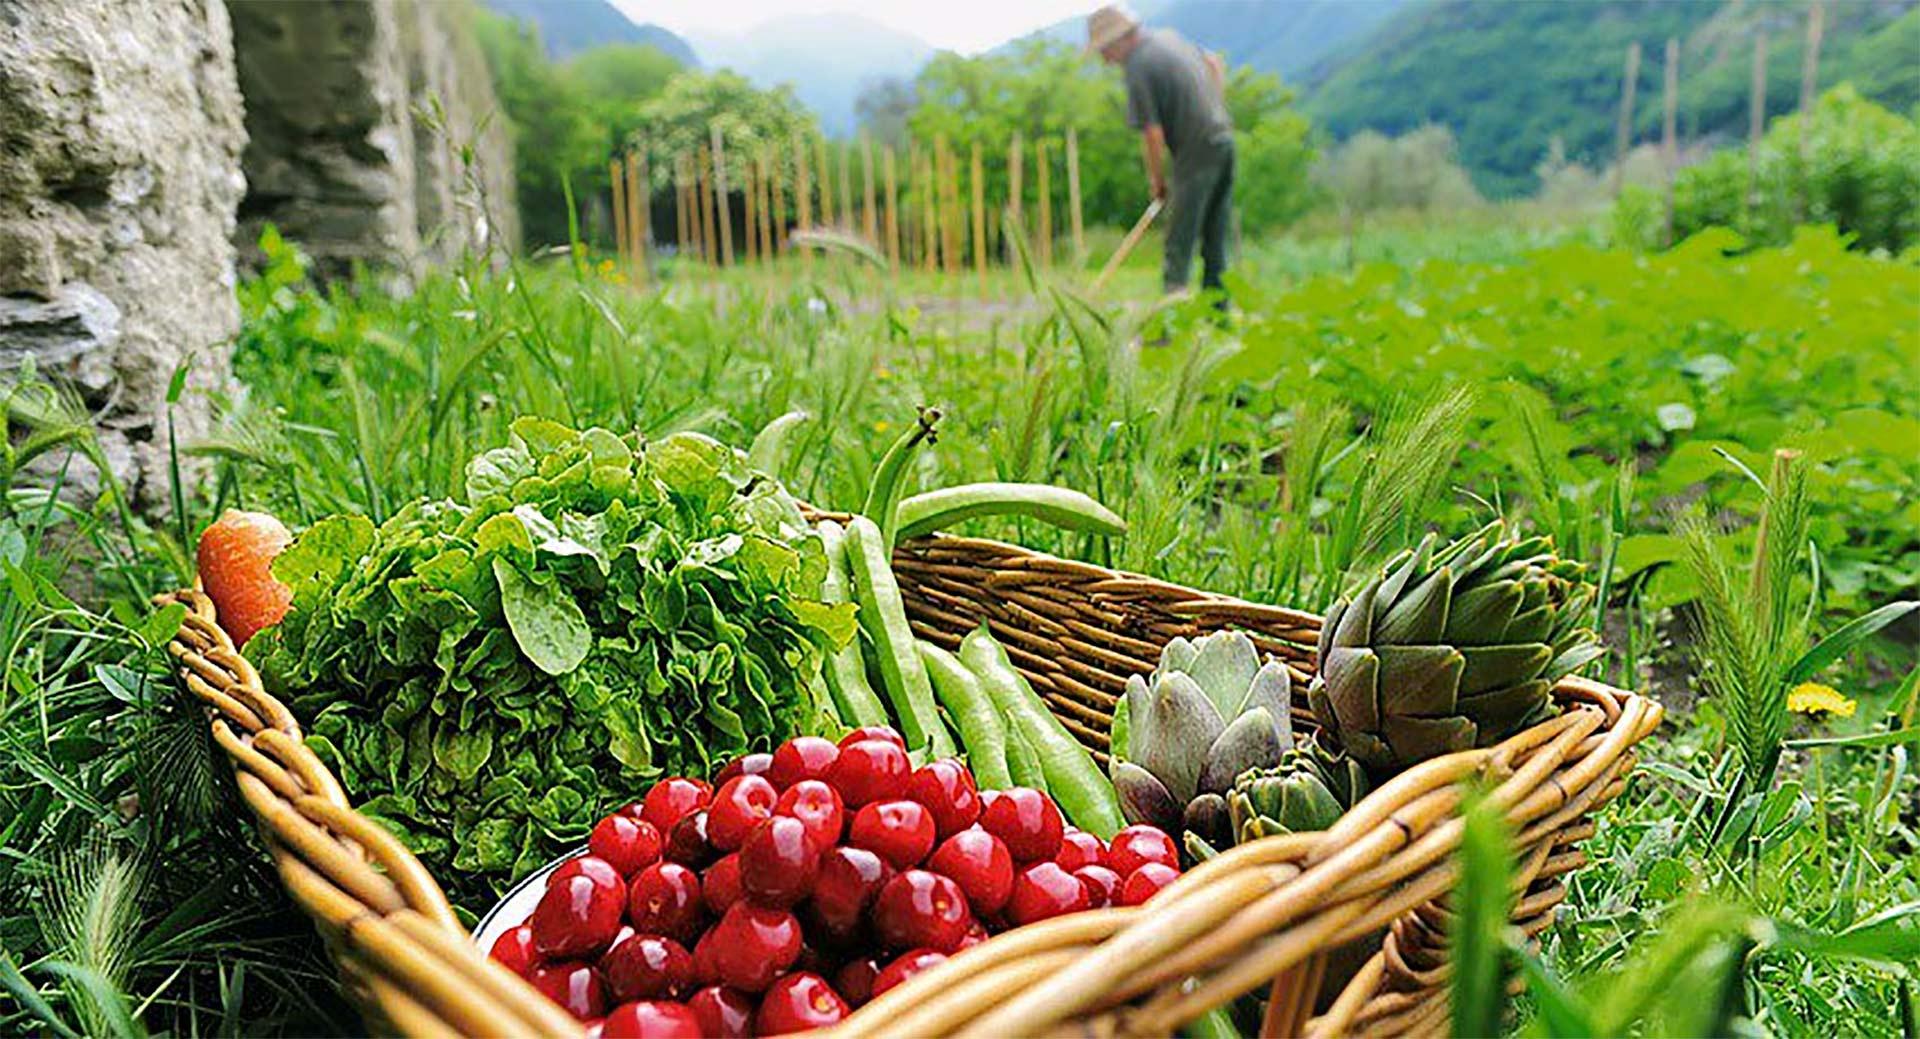 Pastoralsj vivir ecosistema huerto for Que plantas se siembran en un huerto